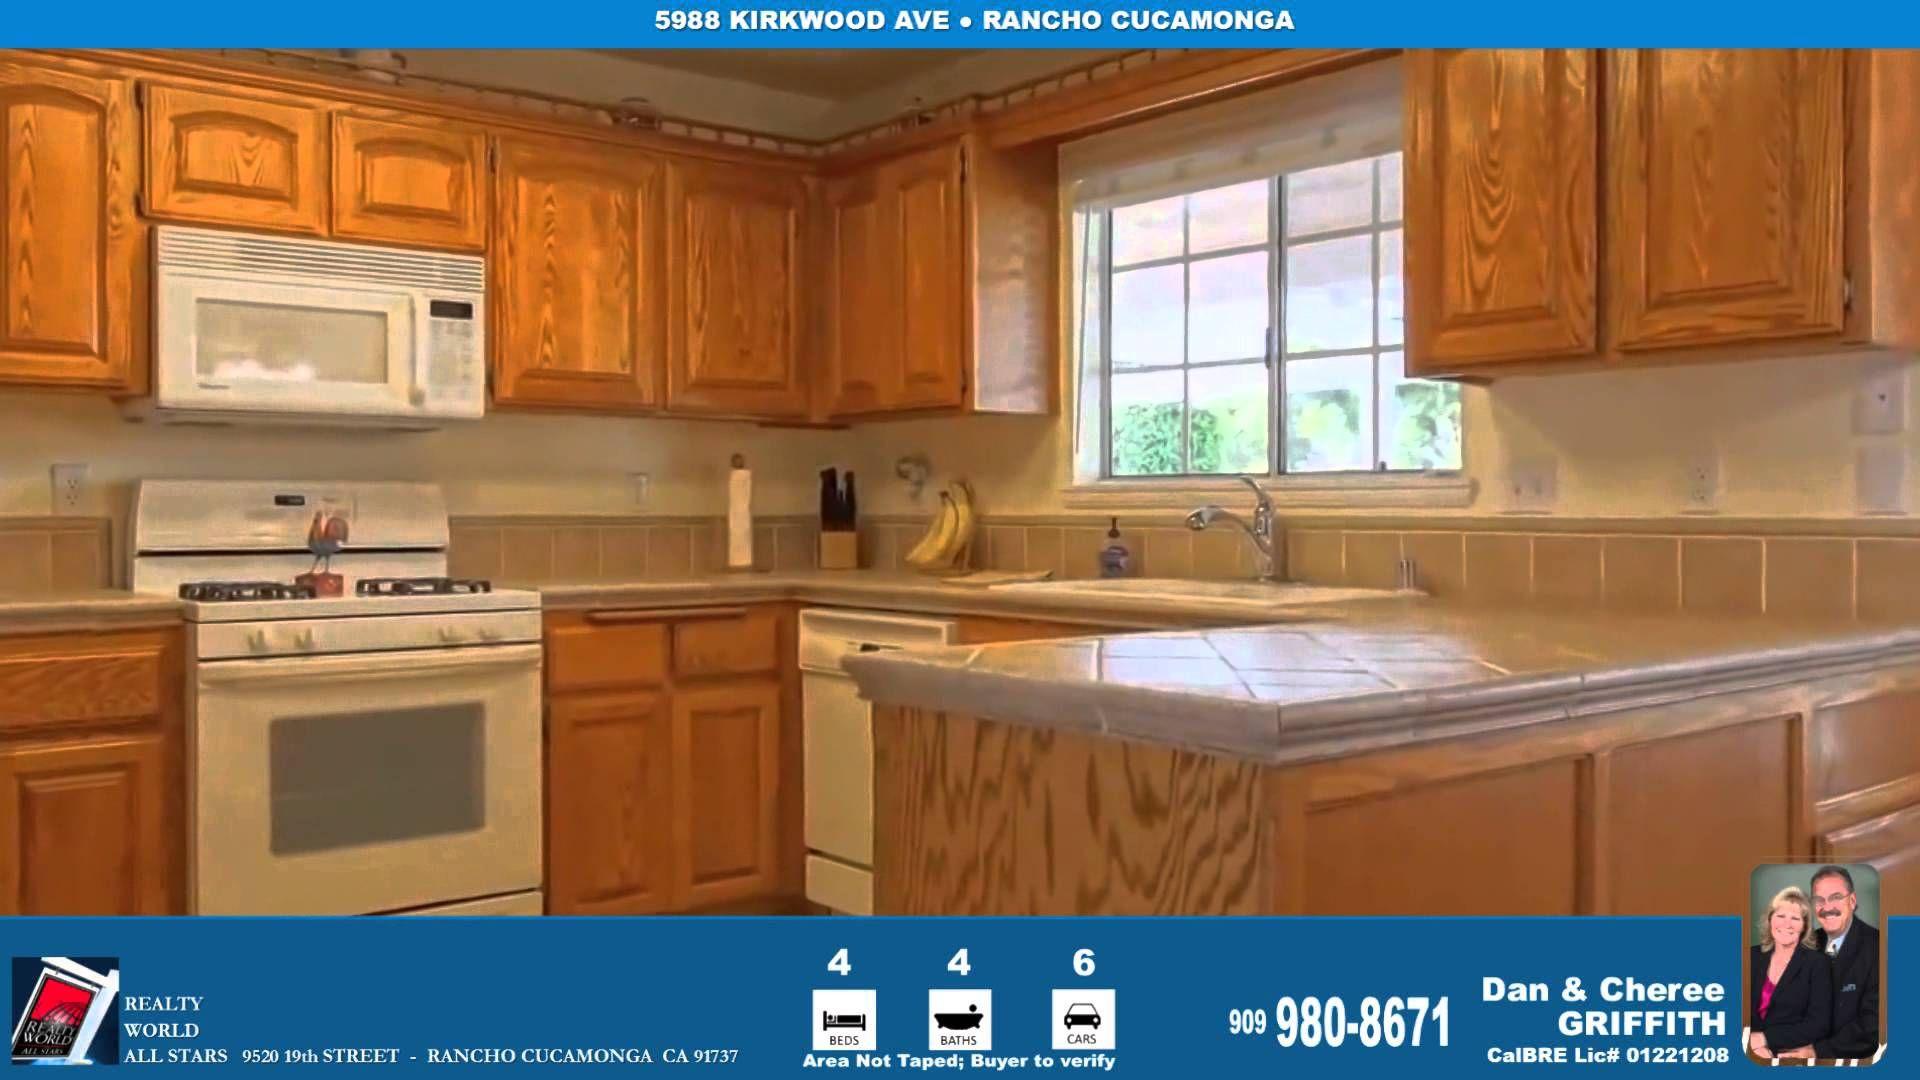 Kirkwood Ave Rancho Cucamonga Homes For Sale By Realty World All Stars Rancho Cucamonga Home Rancho